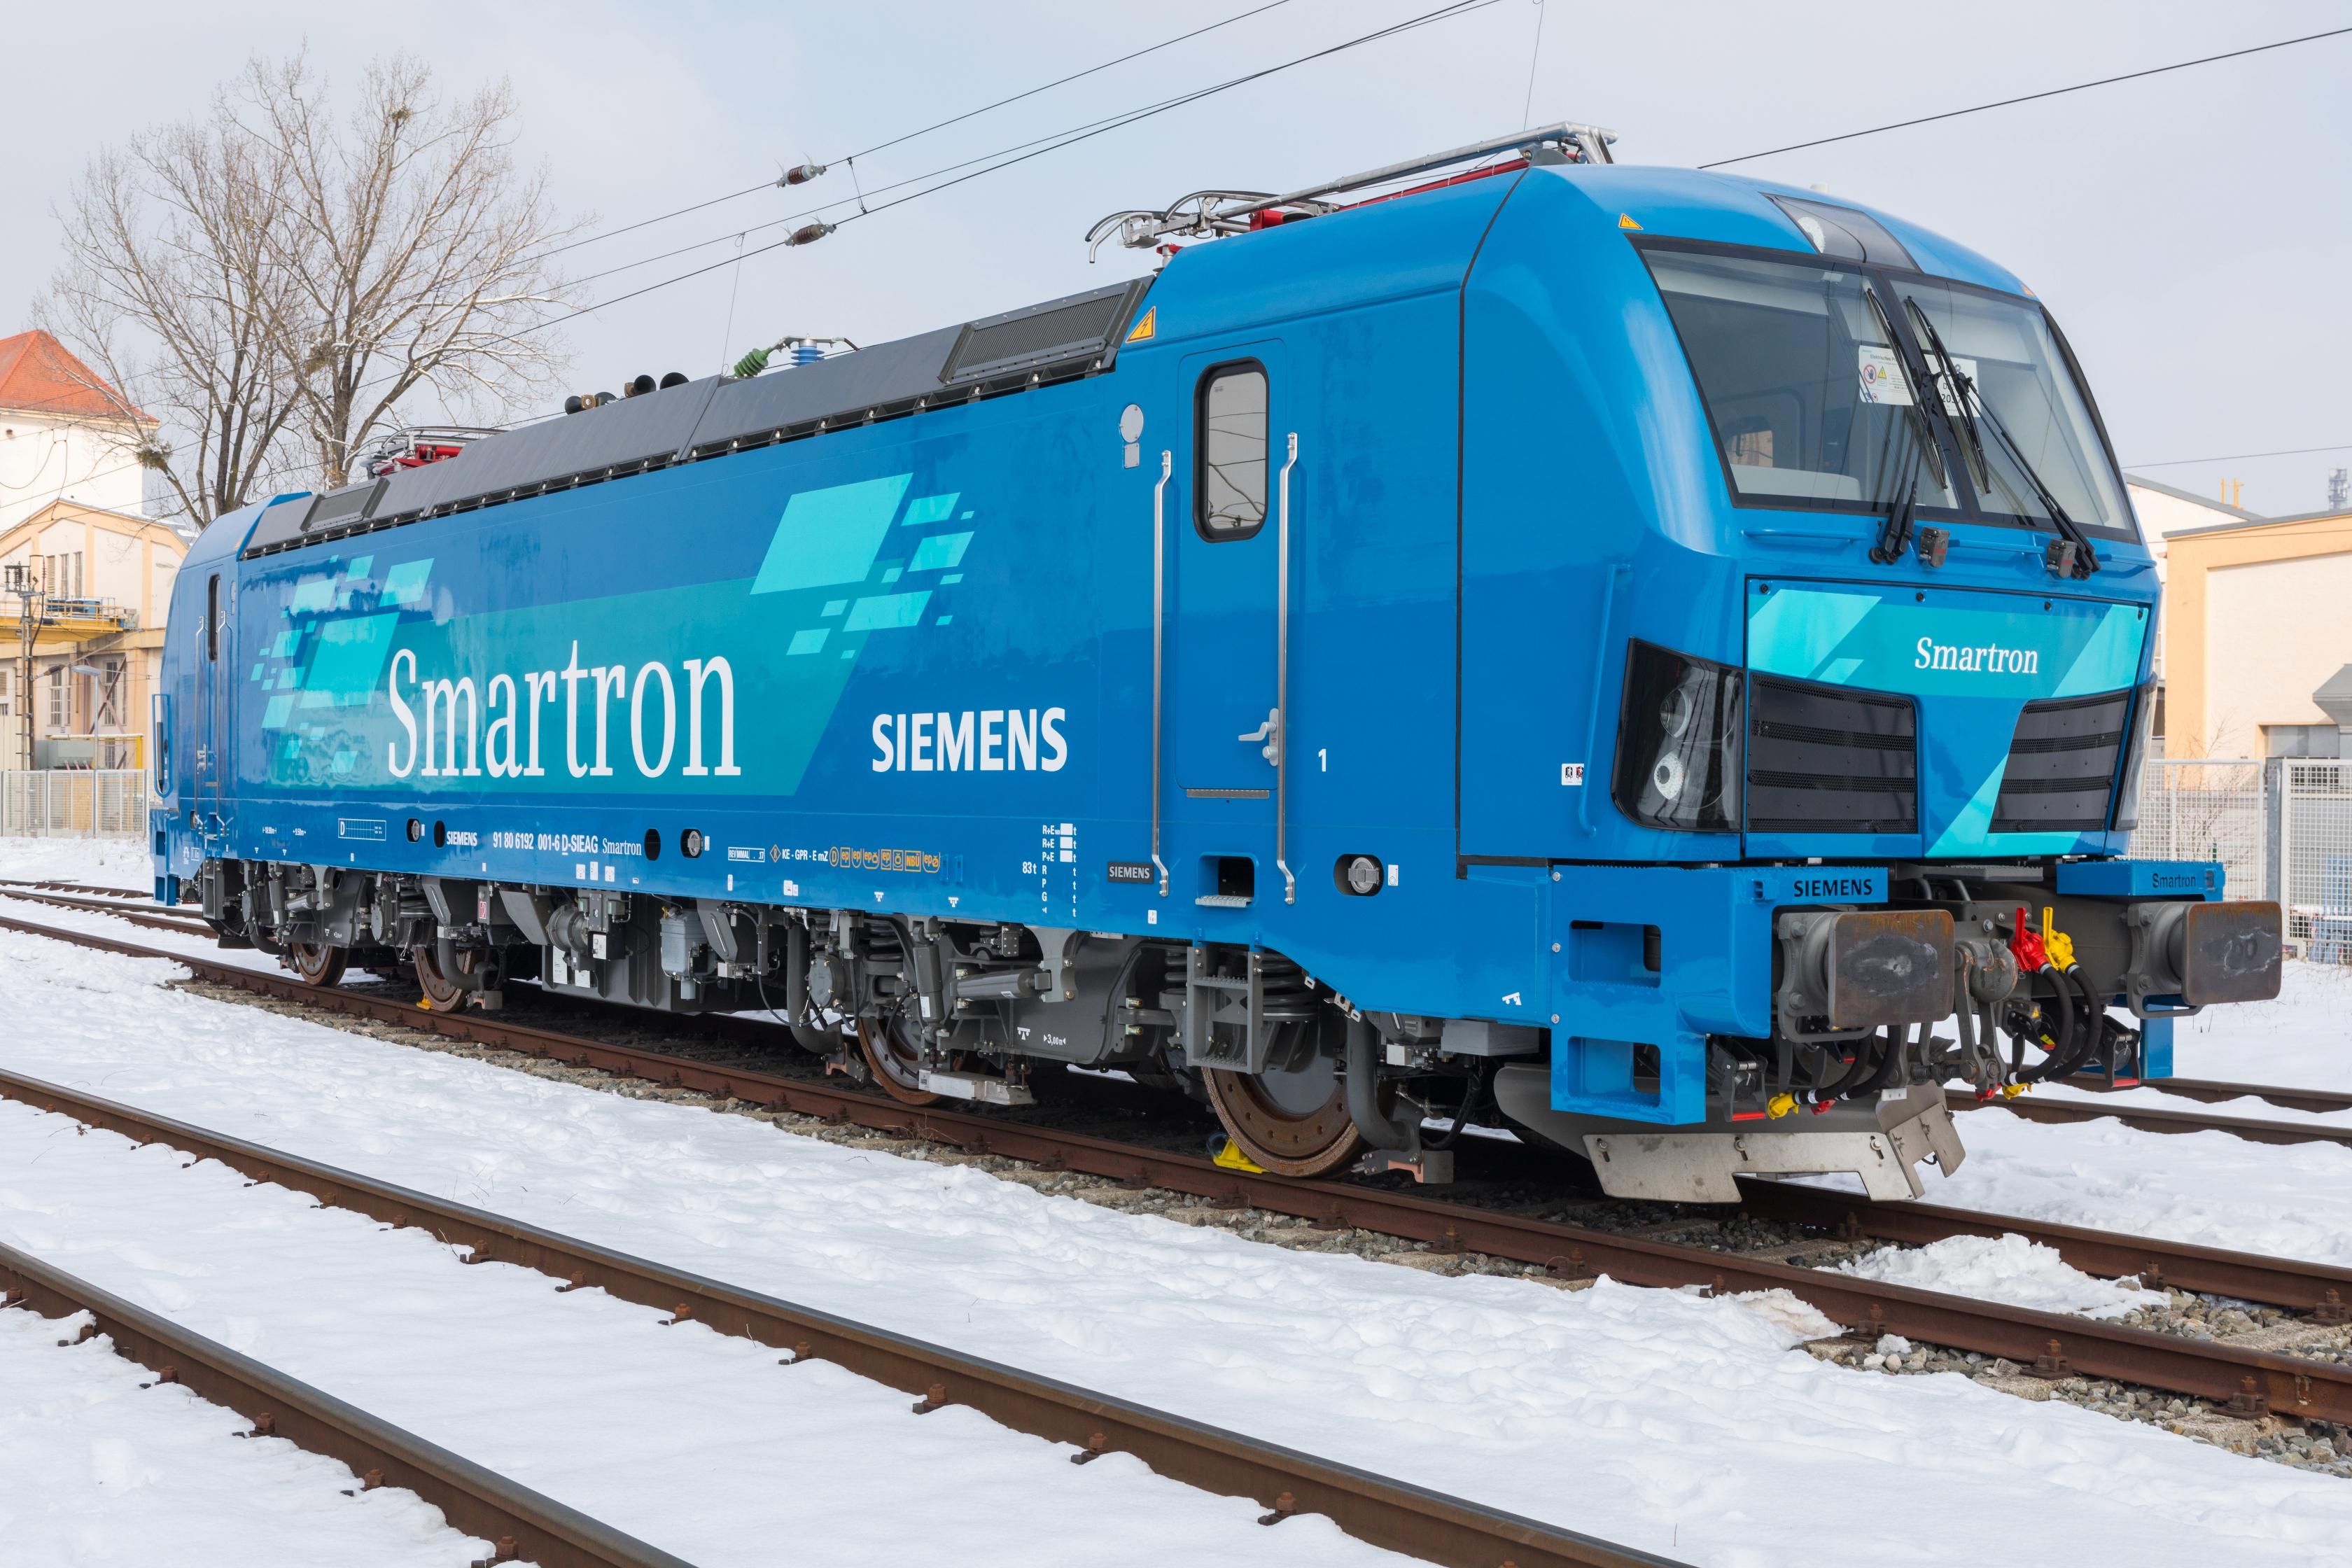 Siemens z nową lokomotywą. Smartron będzie kursował w Niemczech